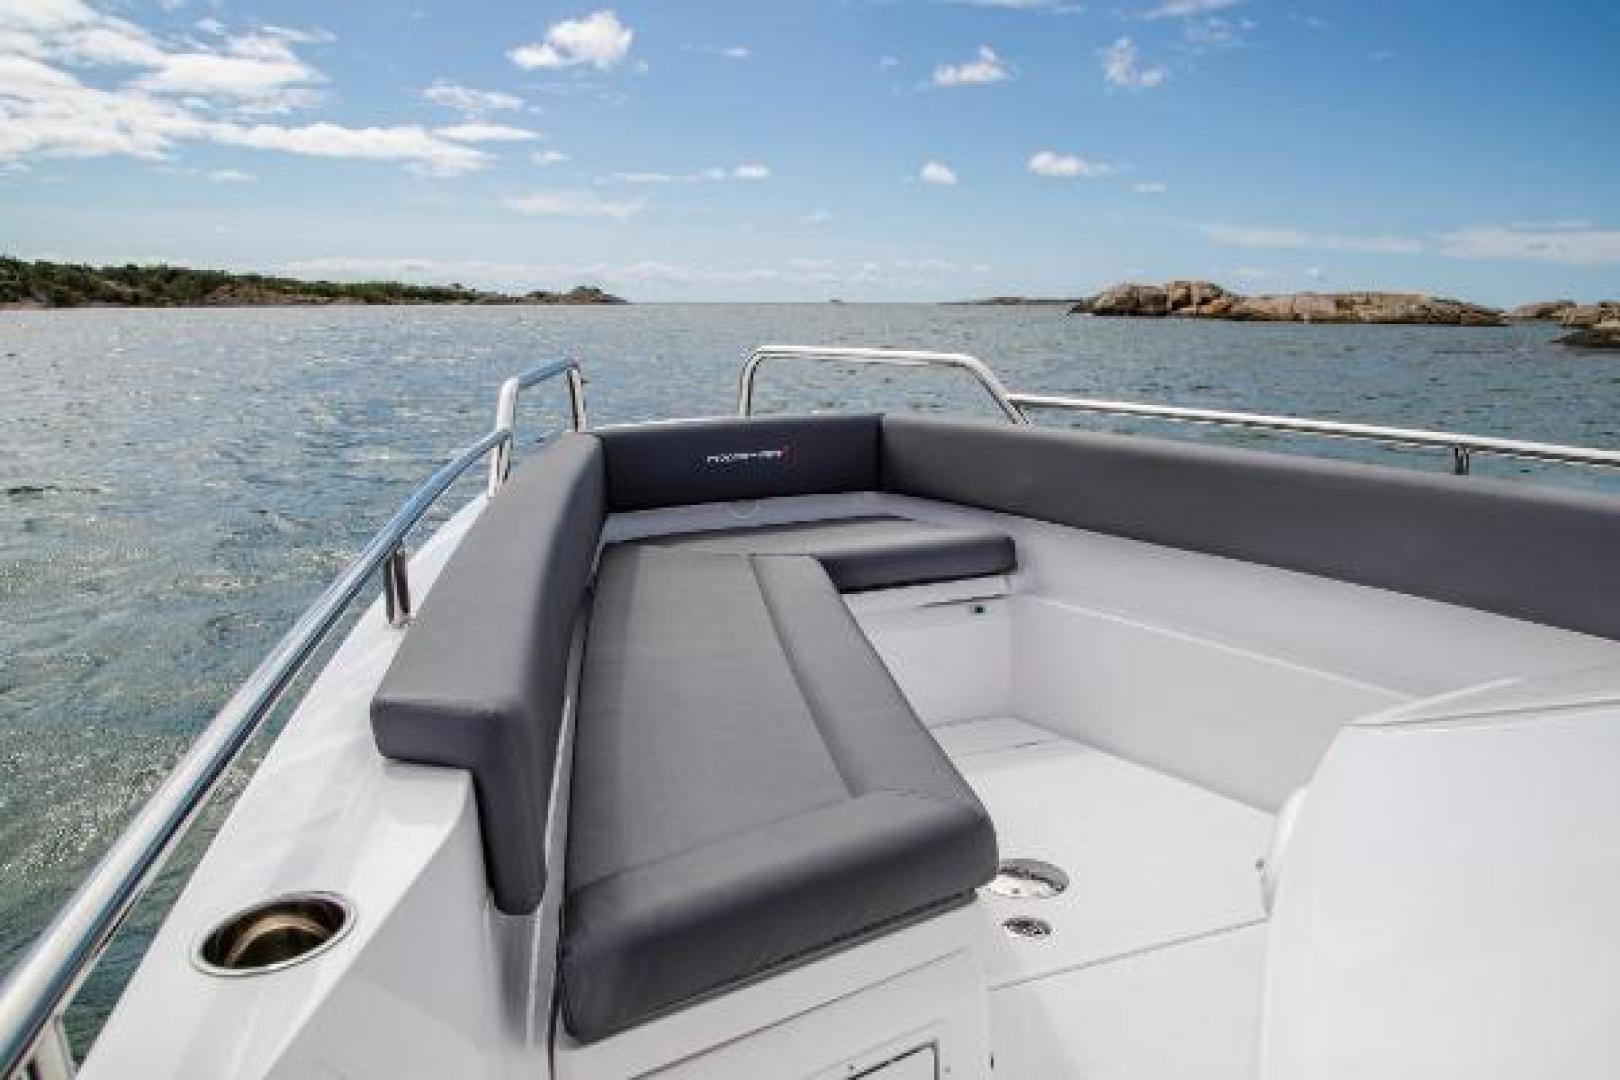 Axopar-28 CABIN 2020-Axopar 28 CABIN Palm Beach-Florida-United States-1531454 | Thumbnail